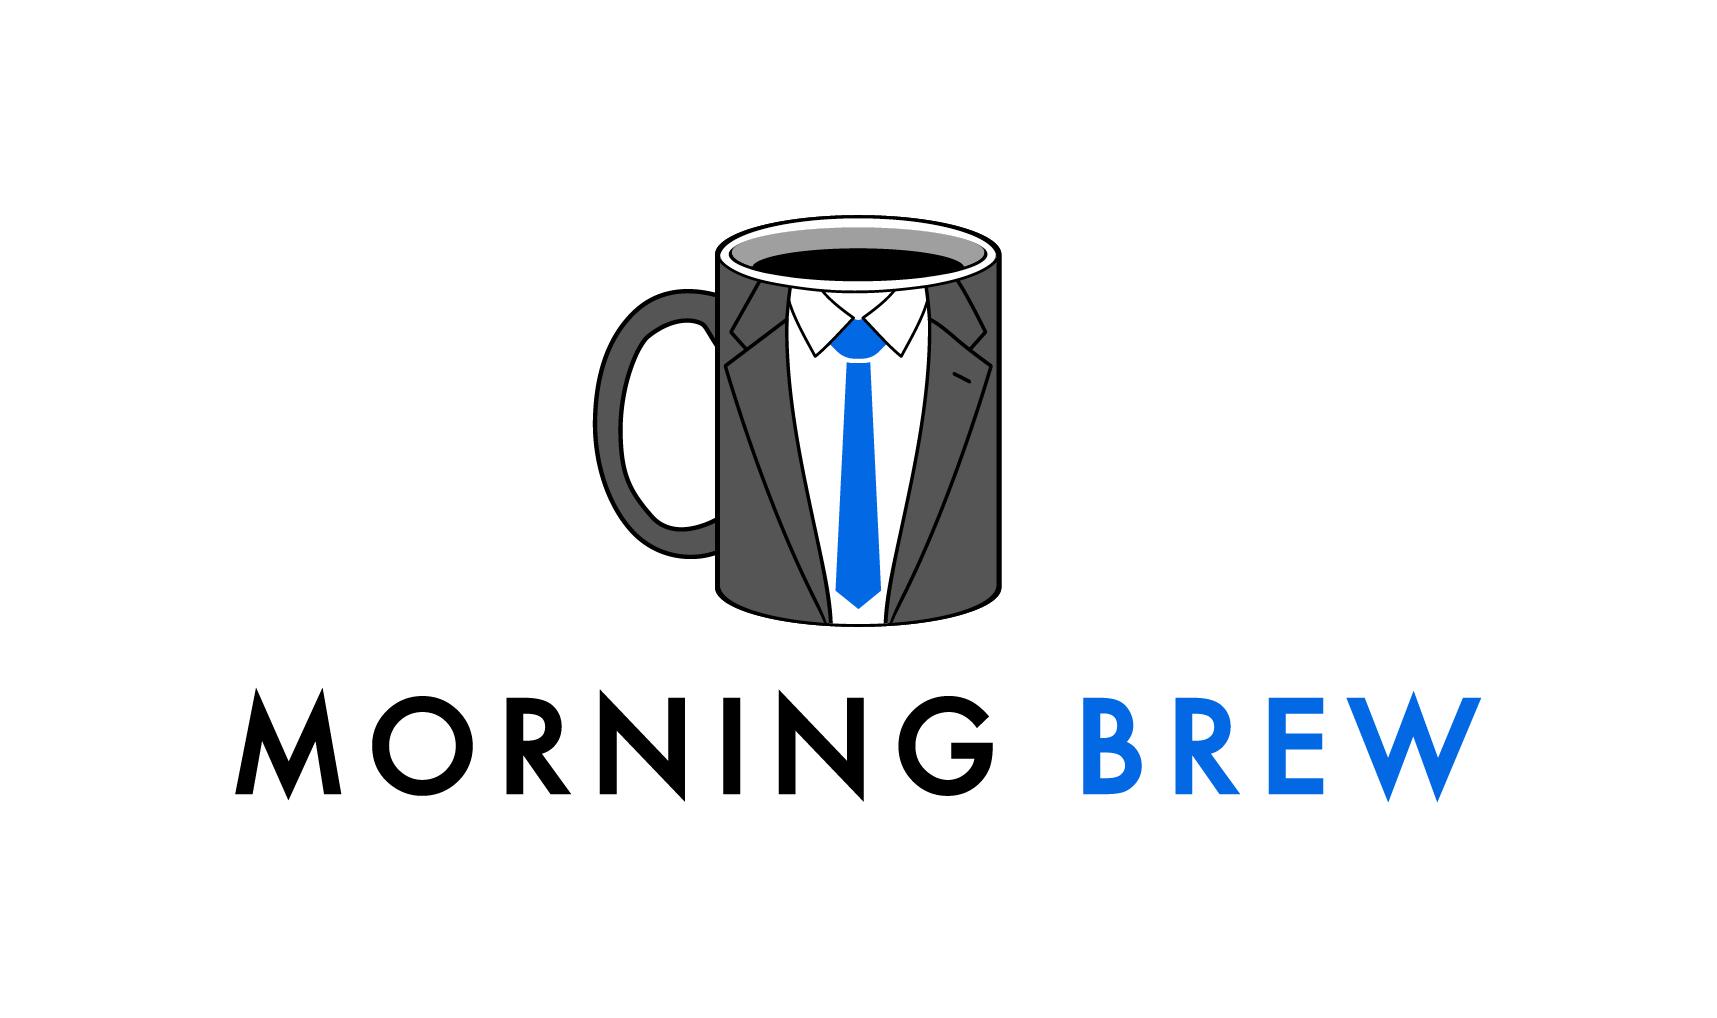 E-bülten alanında başarı hikâyesi: Morning Brew ...